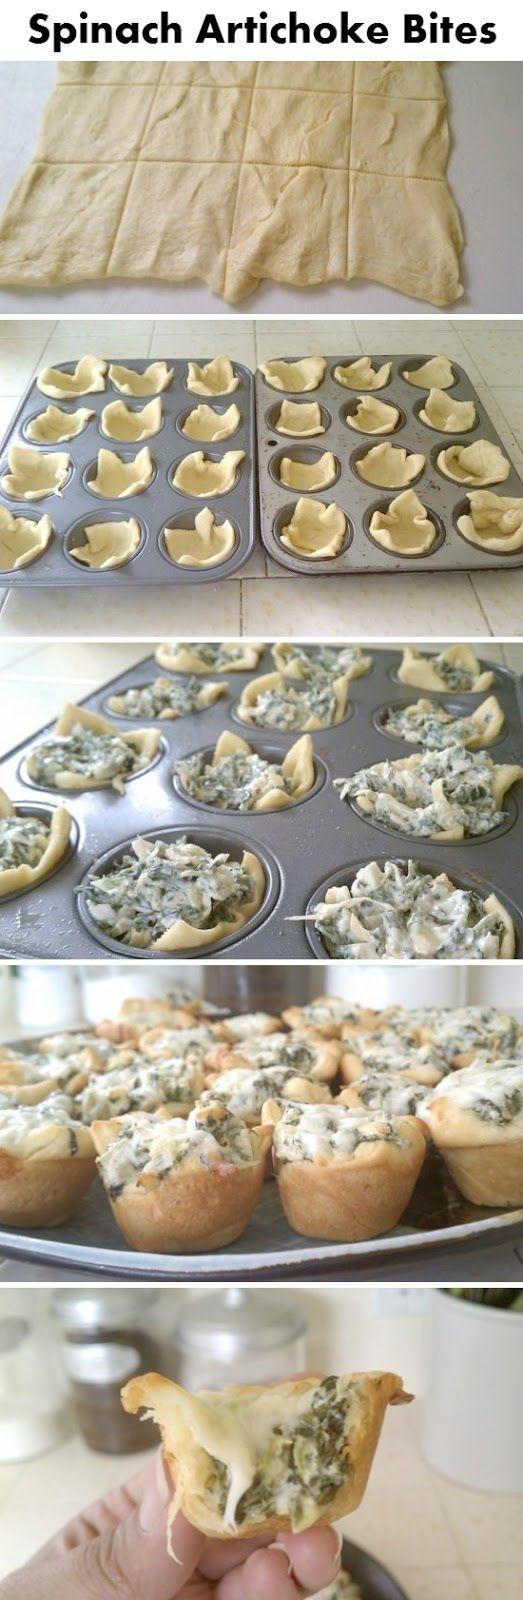 Spinach Artichoke Bites- make w/ crescent roll dough!